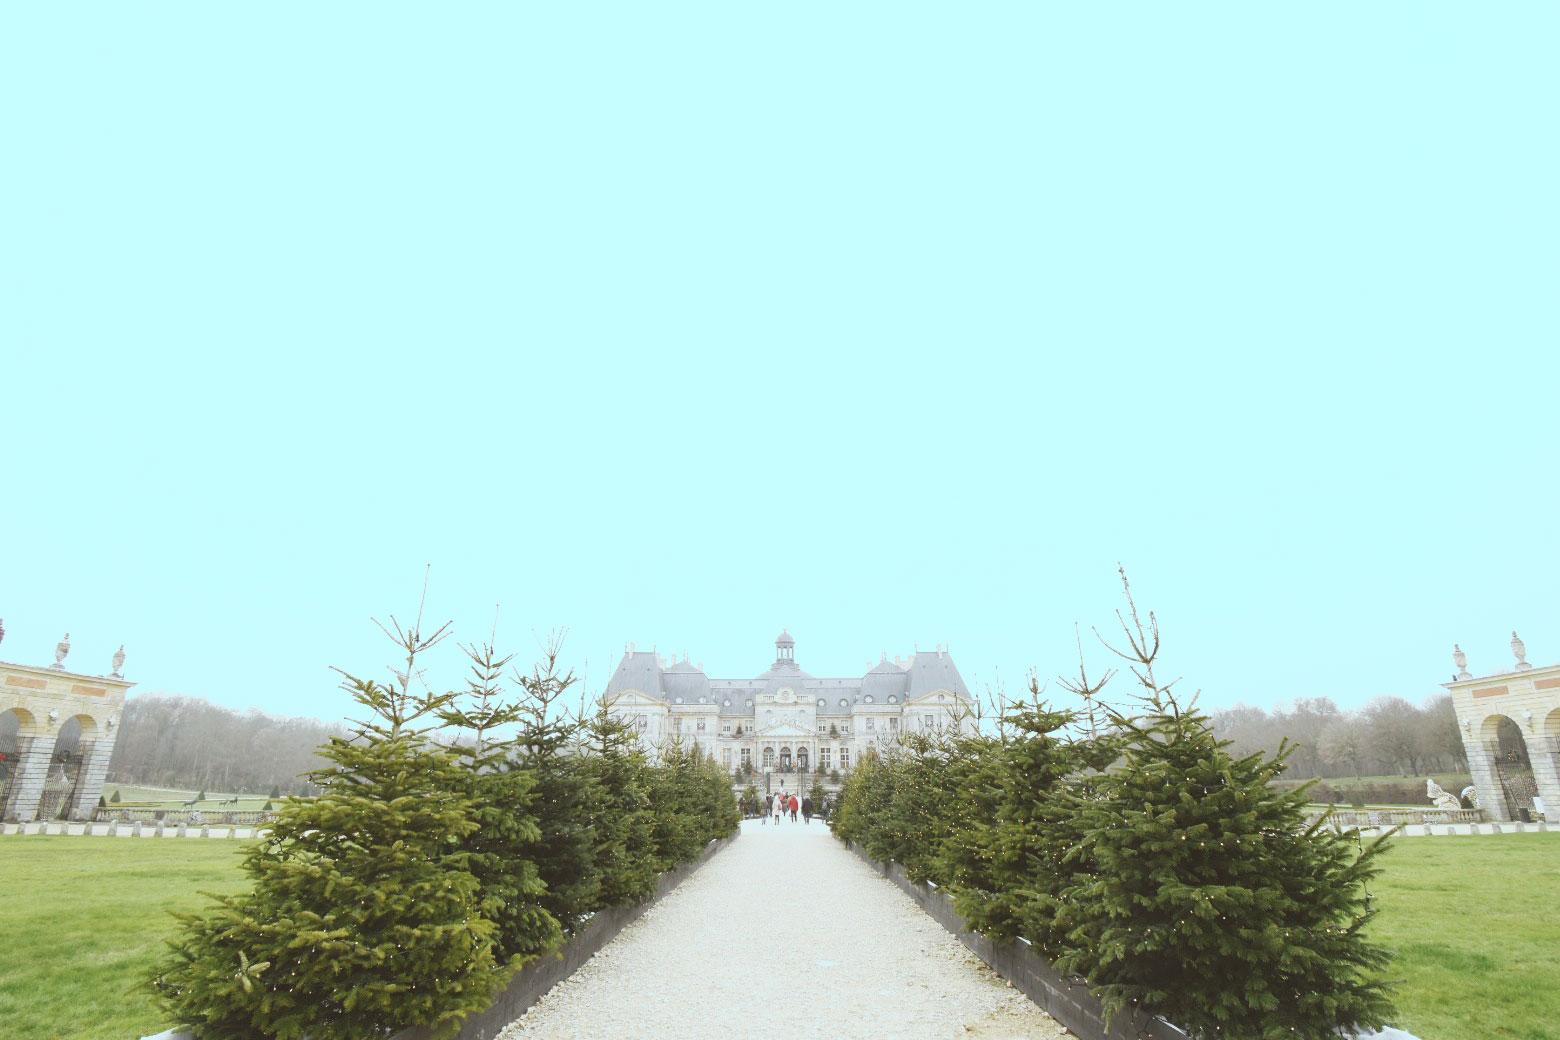 ヴォー=ル=ヴィコント城のクリスマス